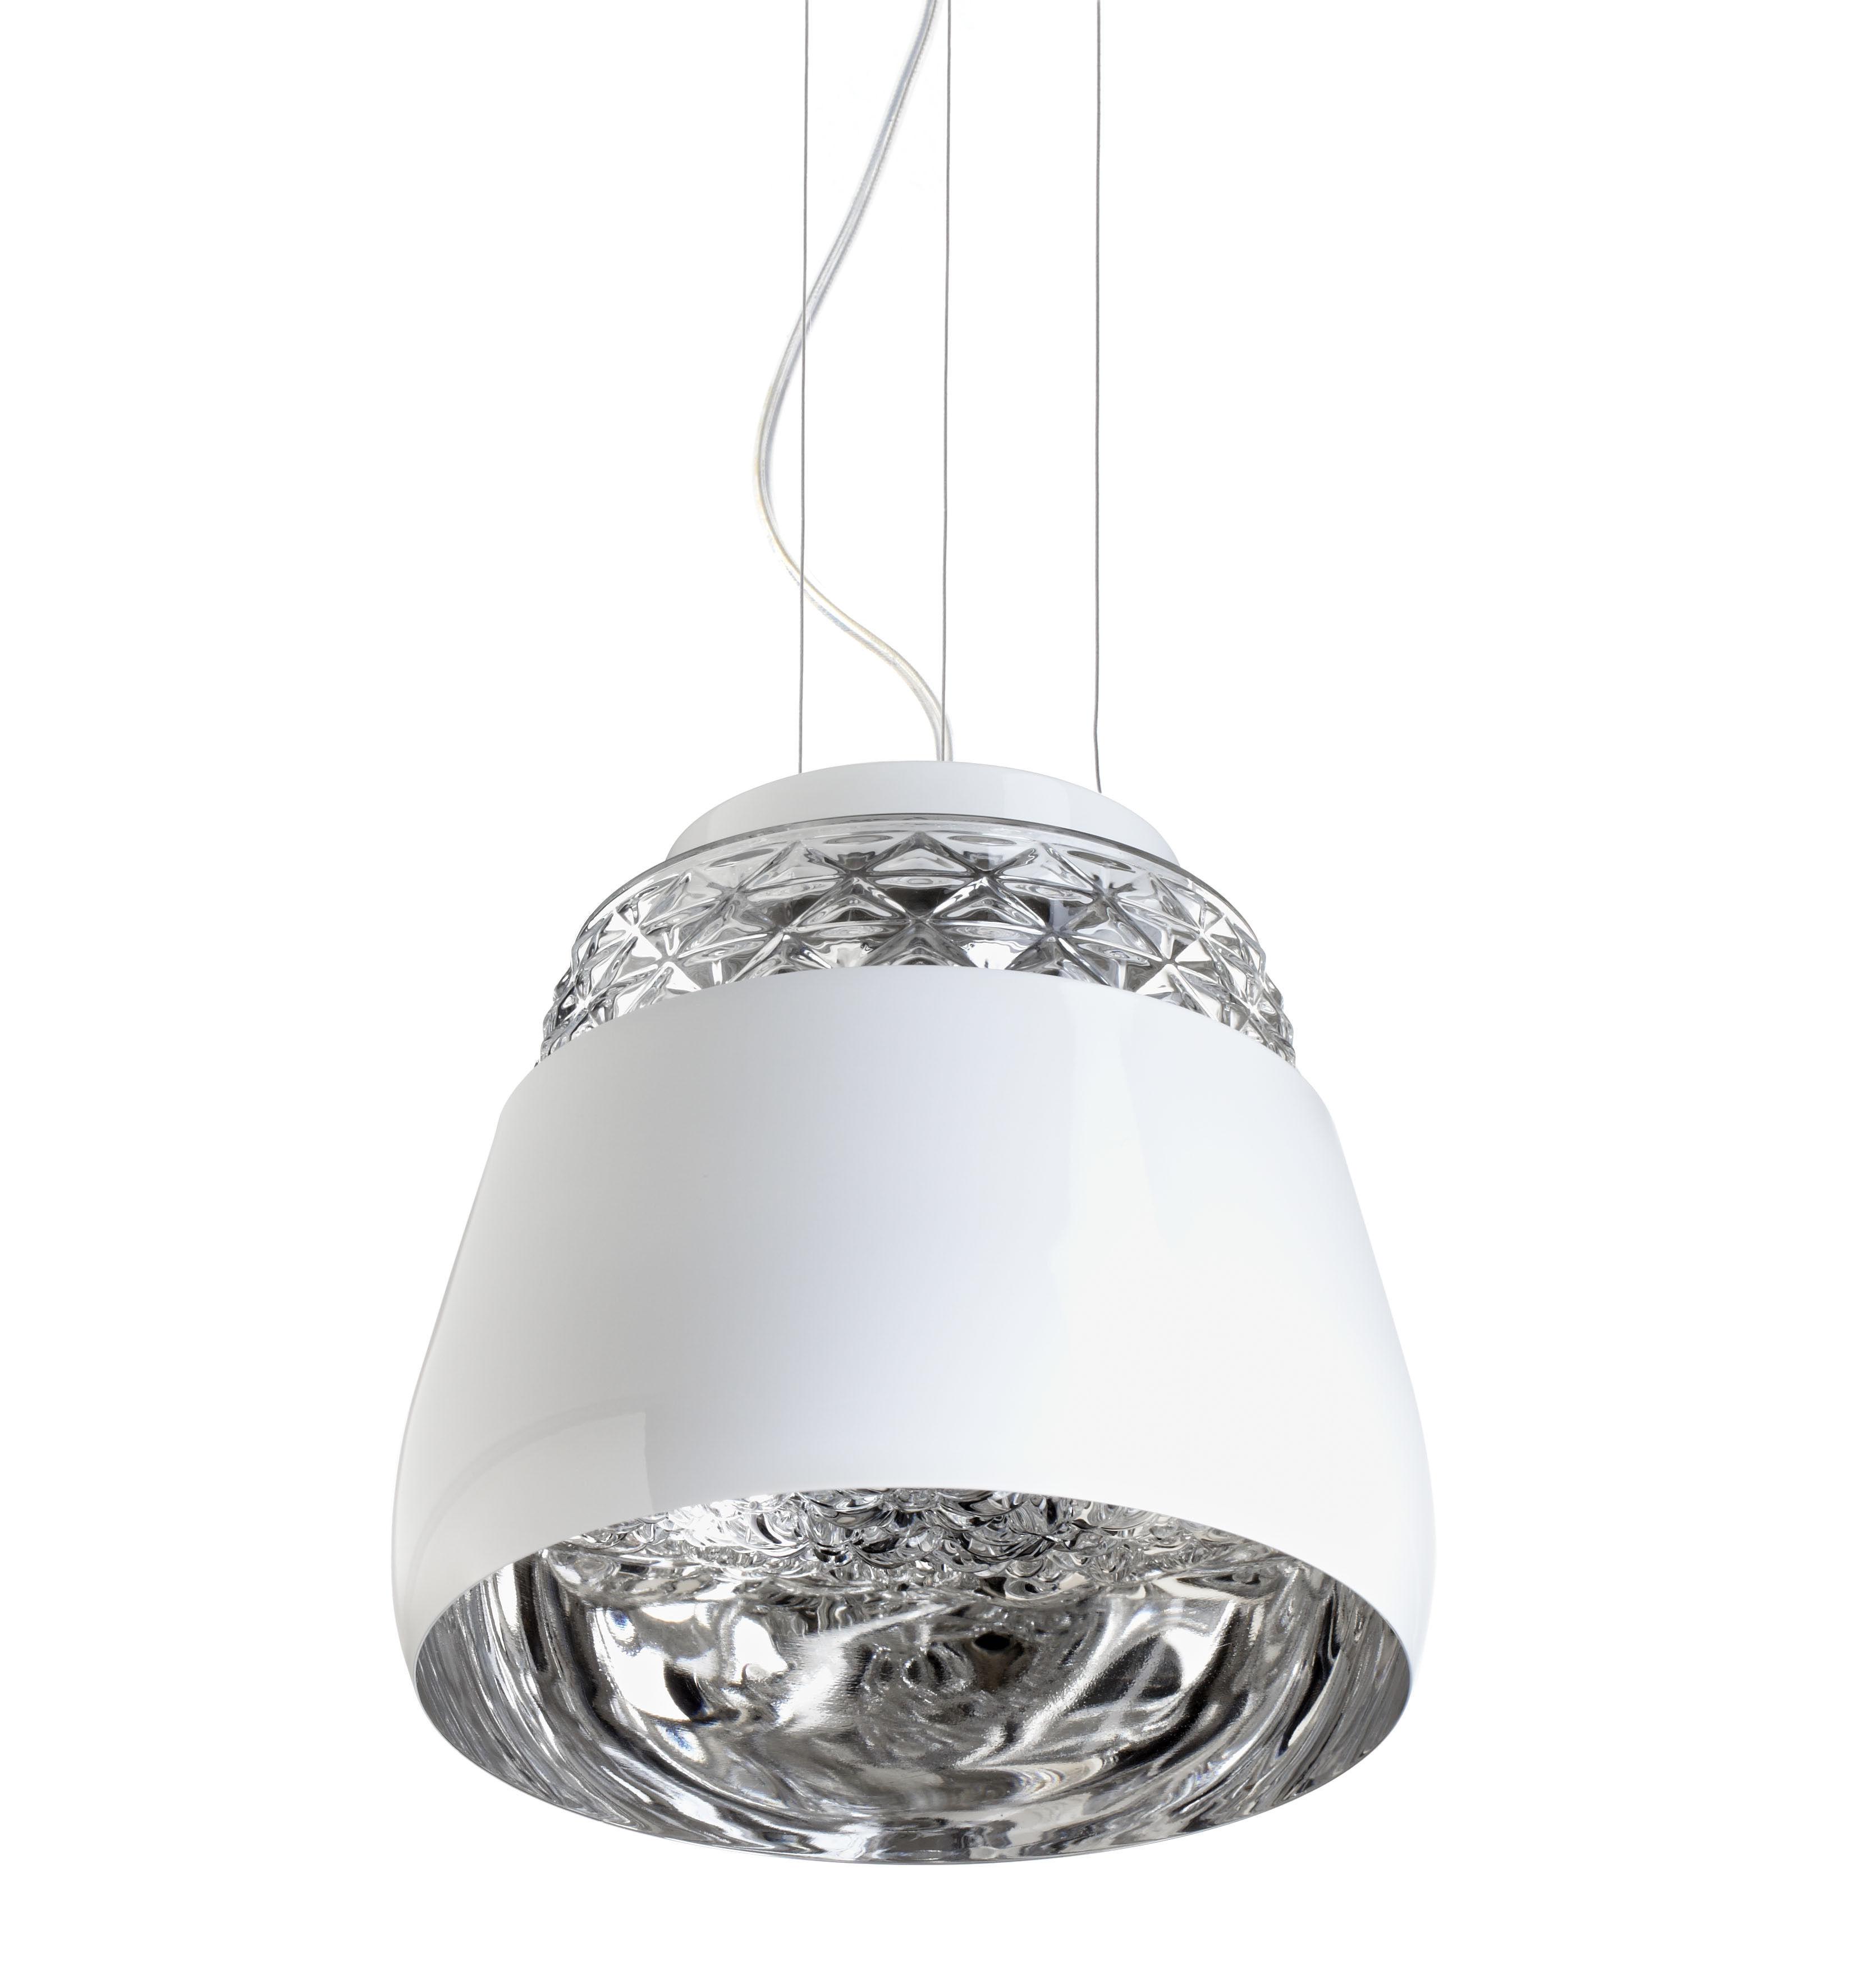 Luminaire - Suspensions - Suspension Valentine Baby Ø 21 cm - Moooi - Blanc / Intérieur Chromé - Métal laqué, Verre soufflé